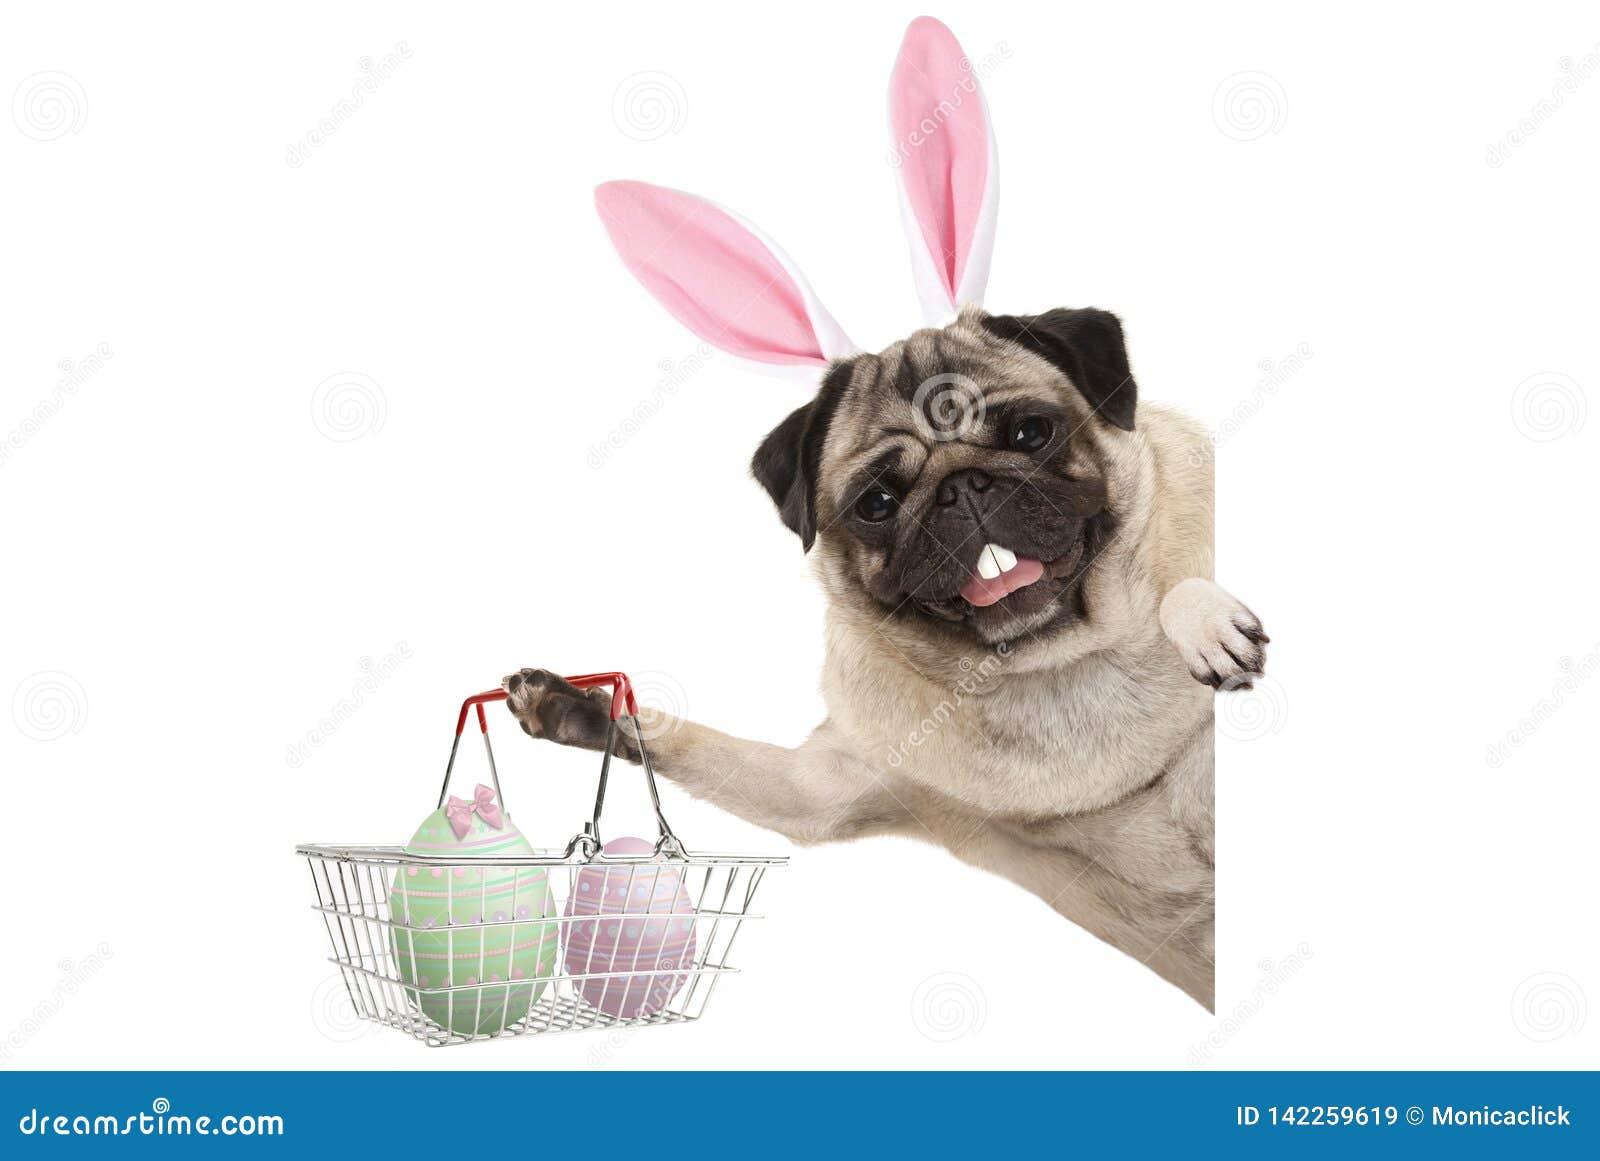 Счастливая собака мопса зайчика пасхи с зубами зайчика и пастельными пасхальными яйцами в корзине для товаров металла провода